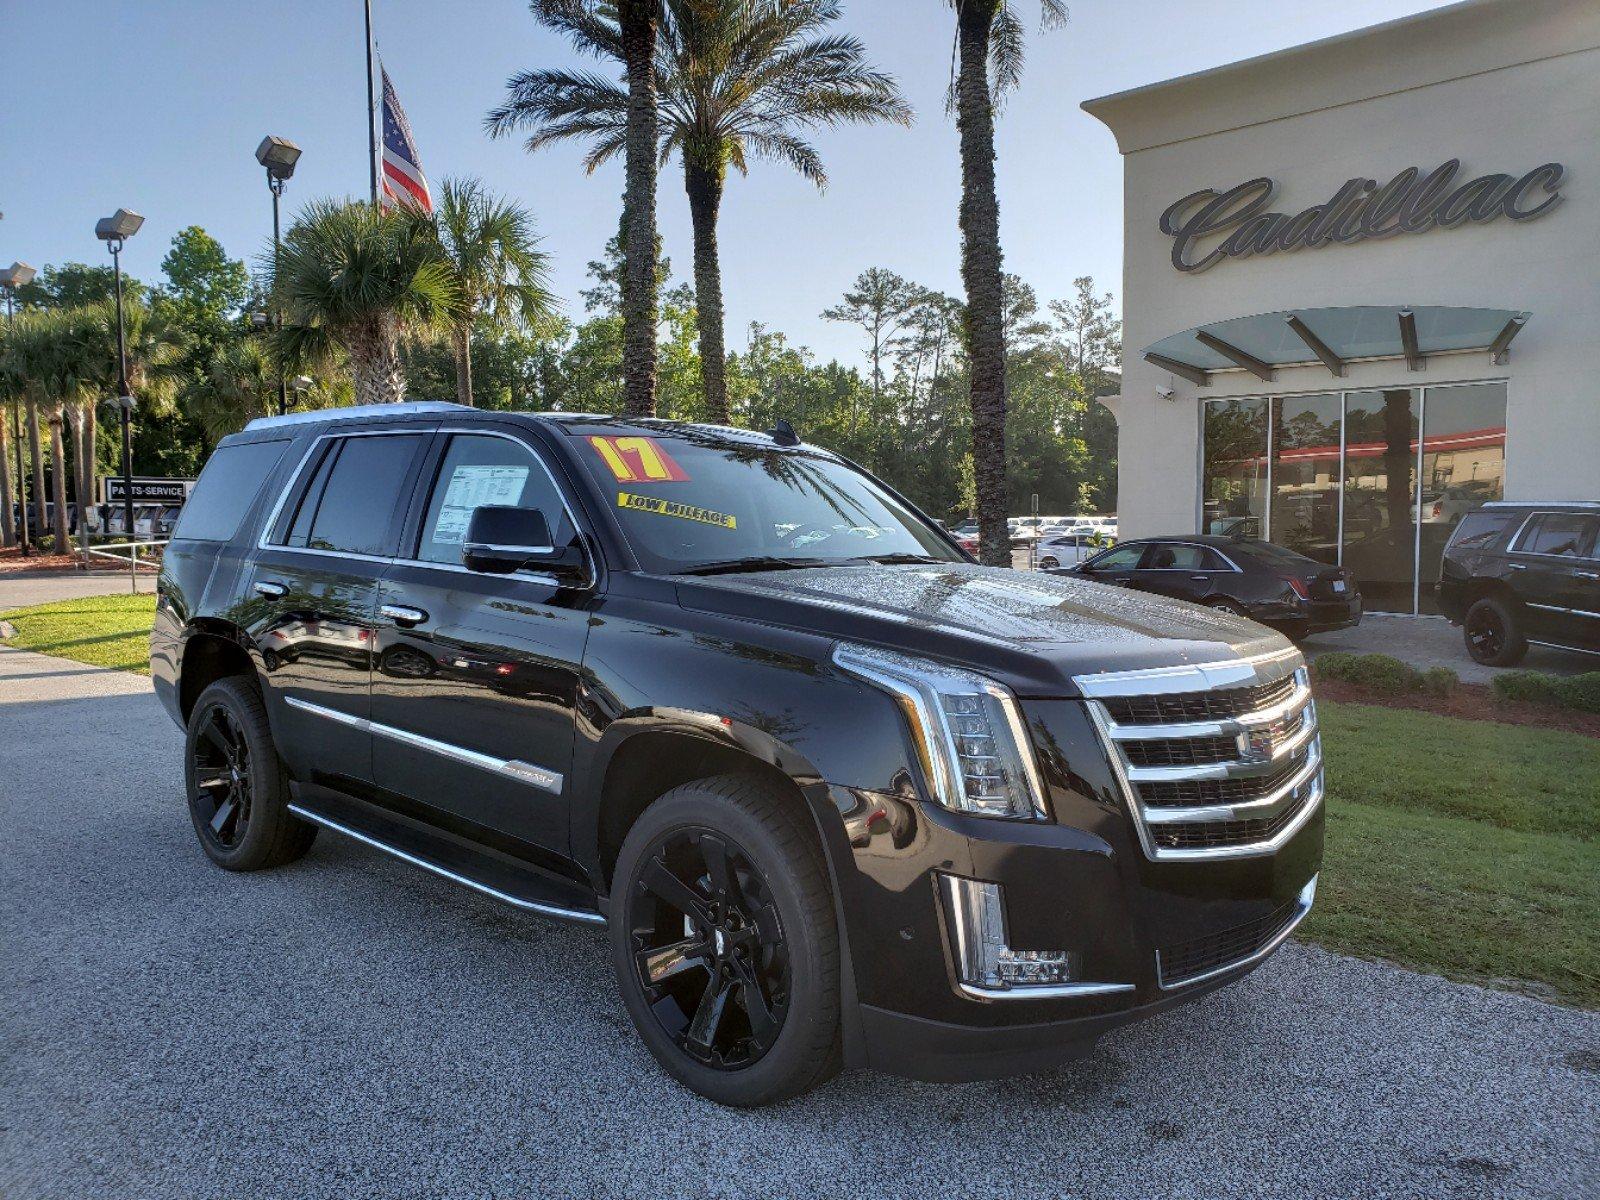 New Cadillac Escalade for Sale in Orange Park FL CarGurus